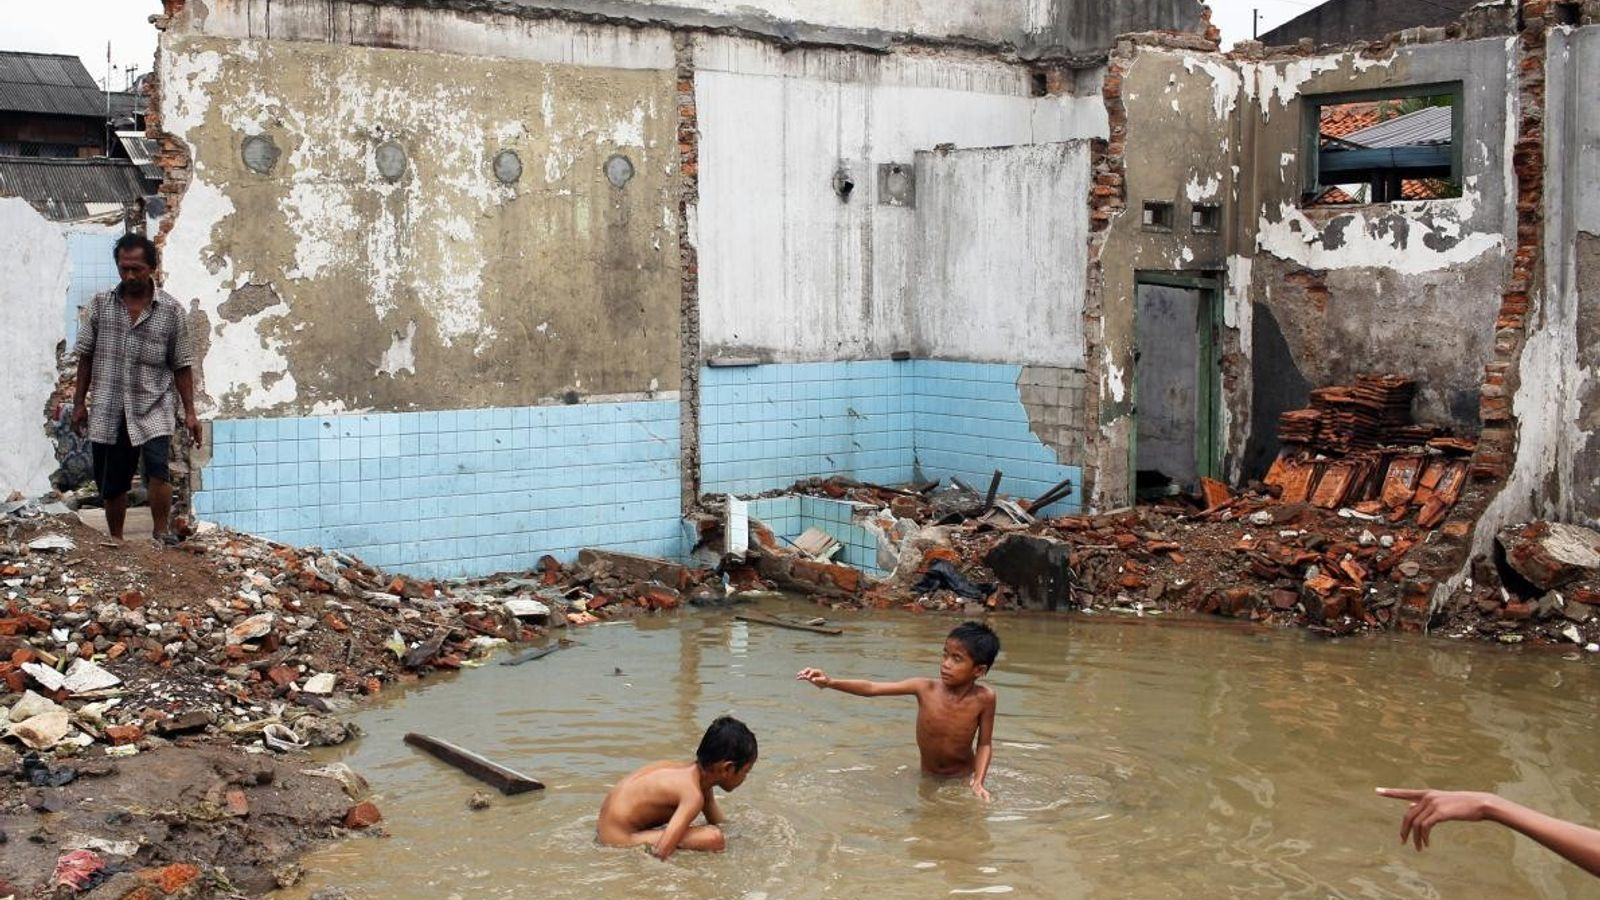 Des enfants jouent dans les ruines inondées d'un immeuble abandonné après la montée des eaux en ...